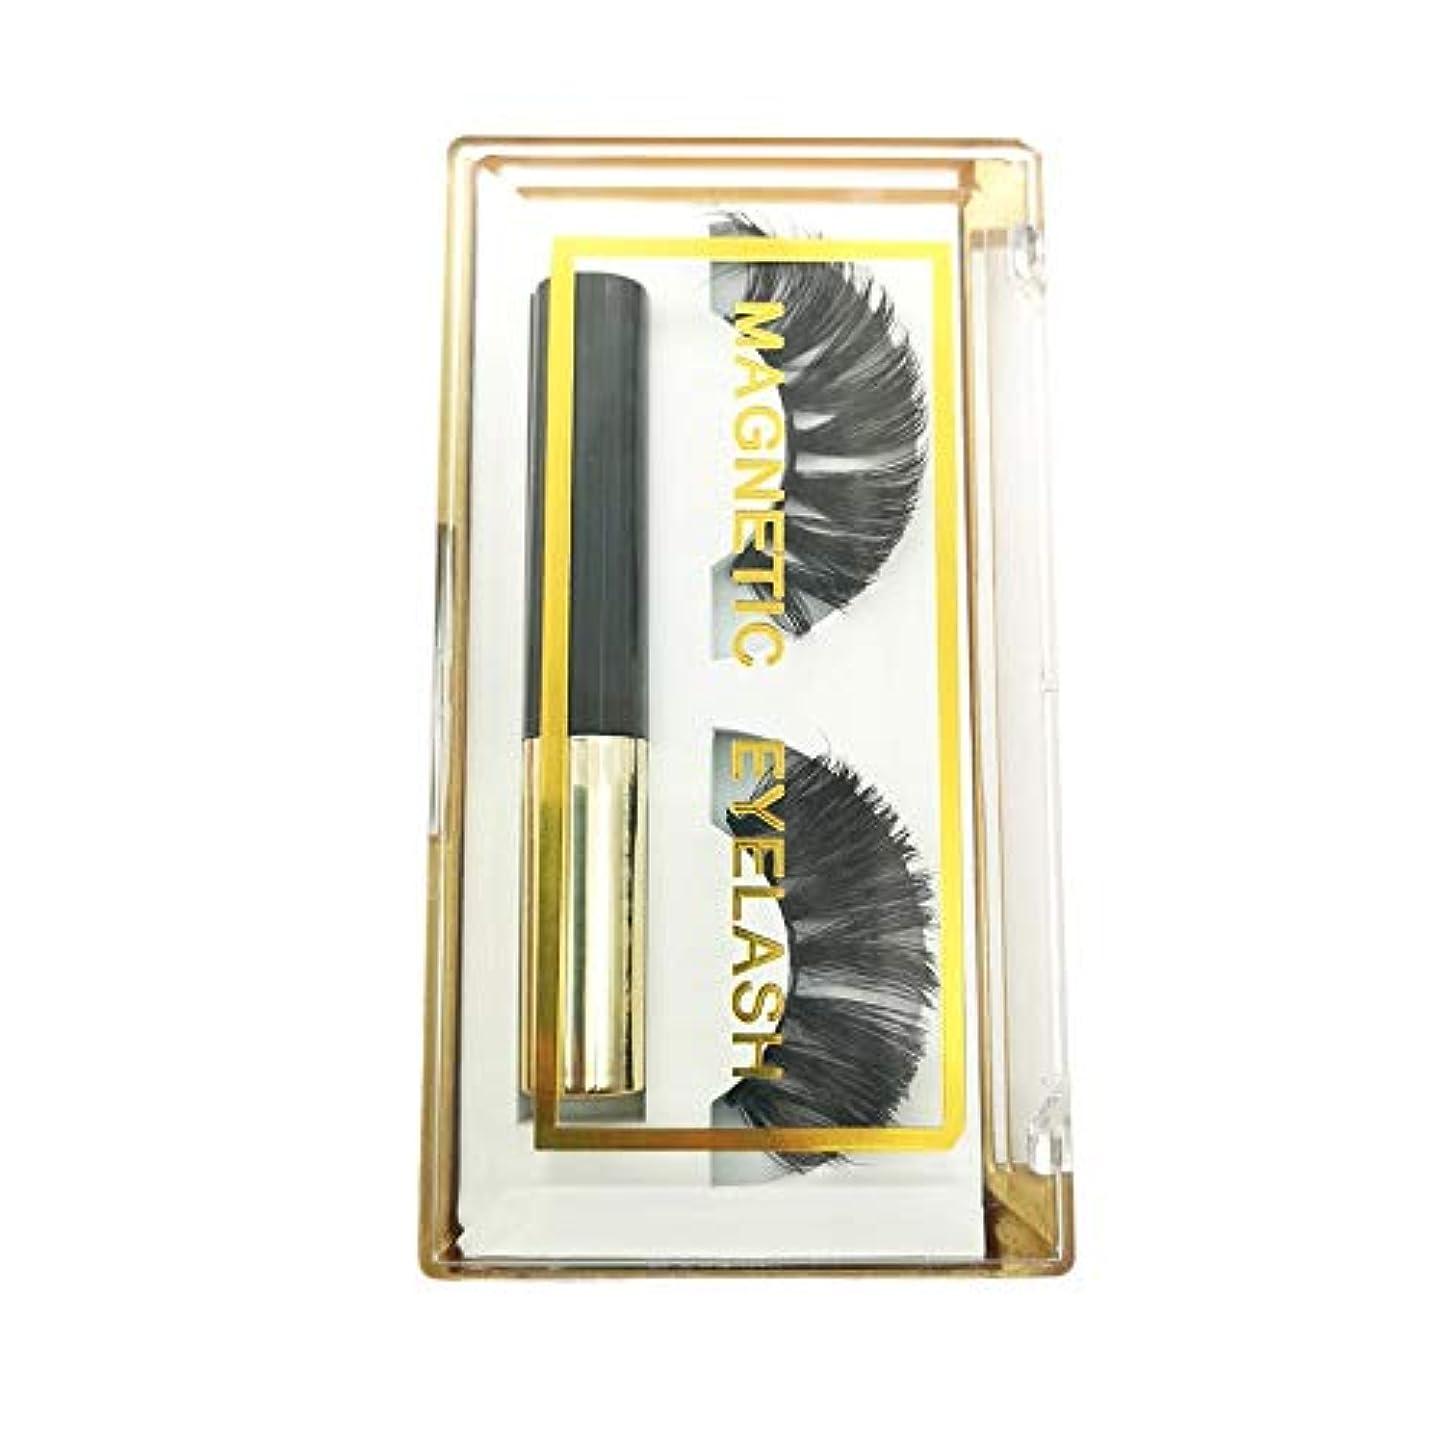 公爵バクテリア幅3D磁気まつげ 3D自然な磁気アイライナー 磁気まつげ 磁気アイライナー磁気まつげキット 防水 長持ちアイライナーつけまつげ 極薄 超軽量高級繊維 高速乾燥 使い易い 長持ち 初心者